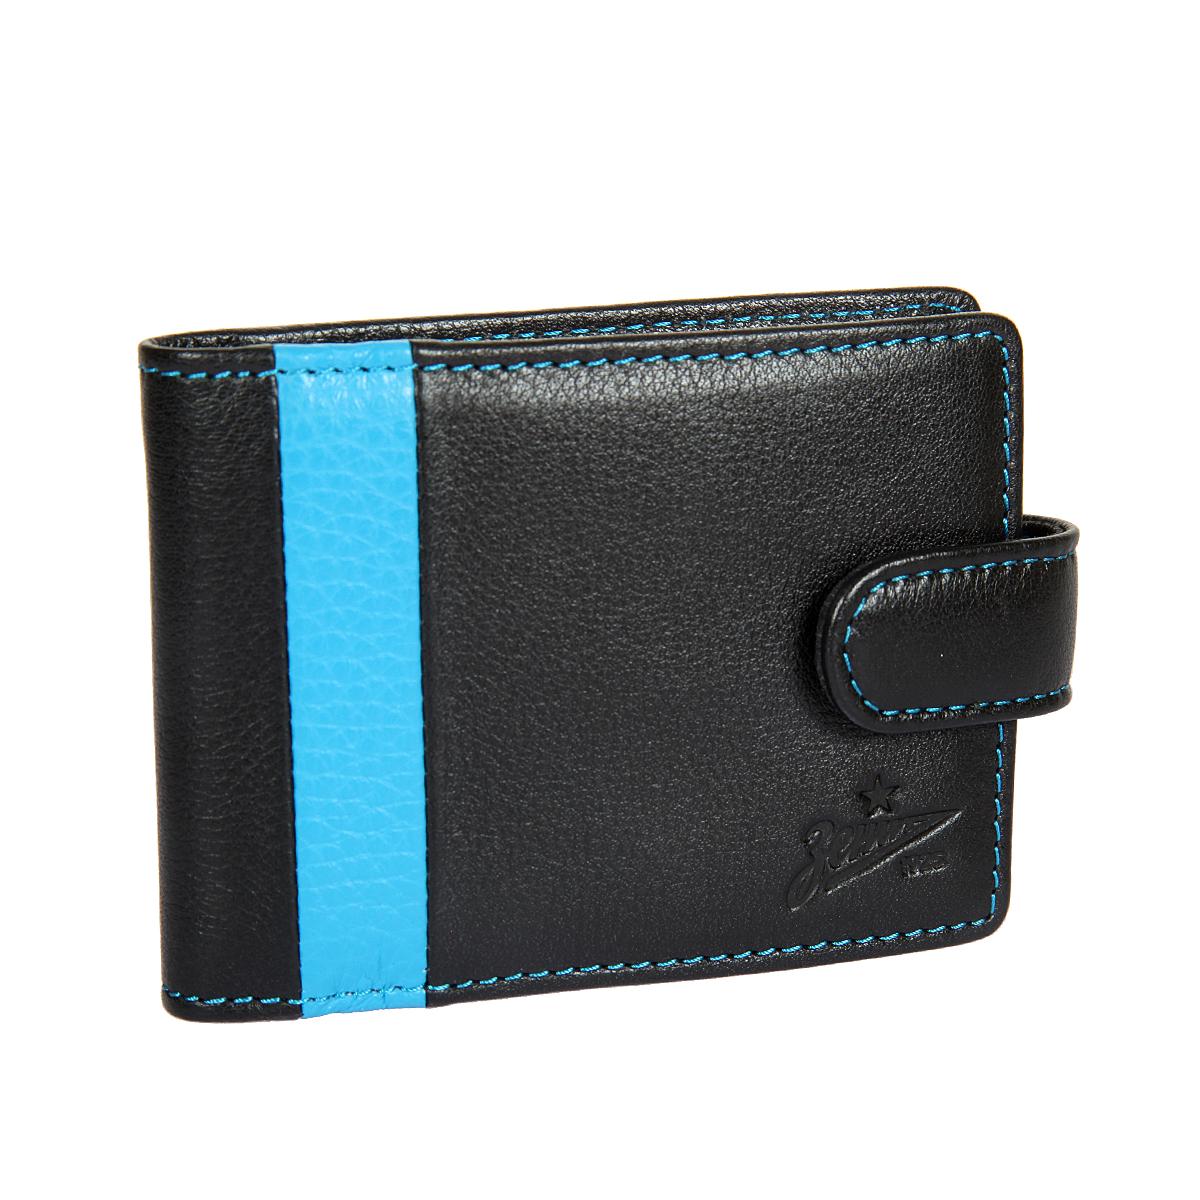 Визитница мужская Gianni Conti, цвет: черный. Z587470Z587470 black/blueЗакрывается клапаном на кнопке, внутри блок прозрачных файлов для визиток 18 шт, два сетчатых кармашка.